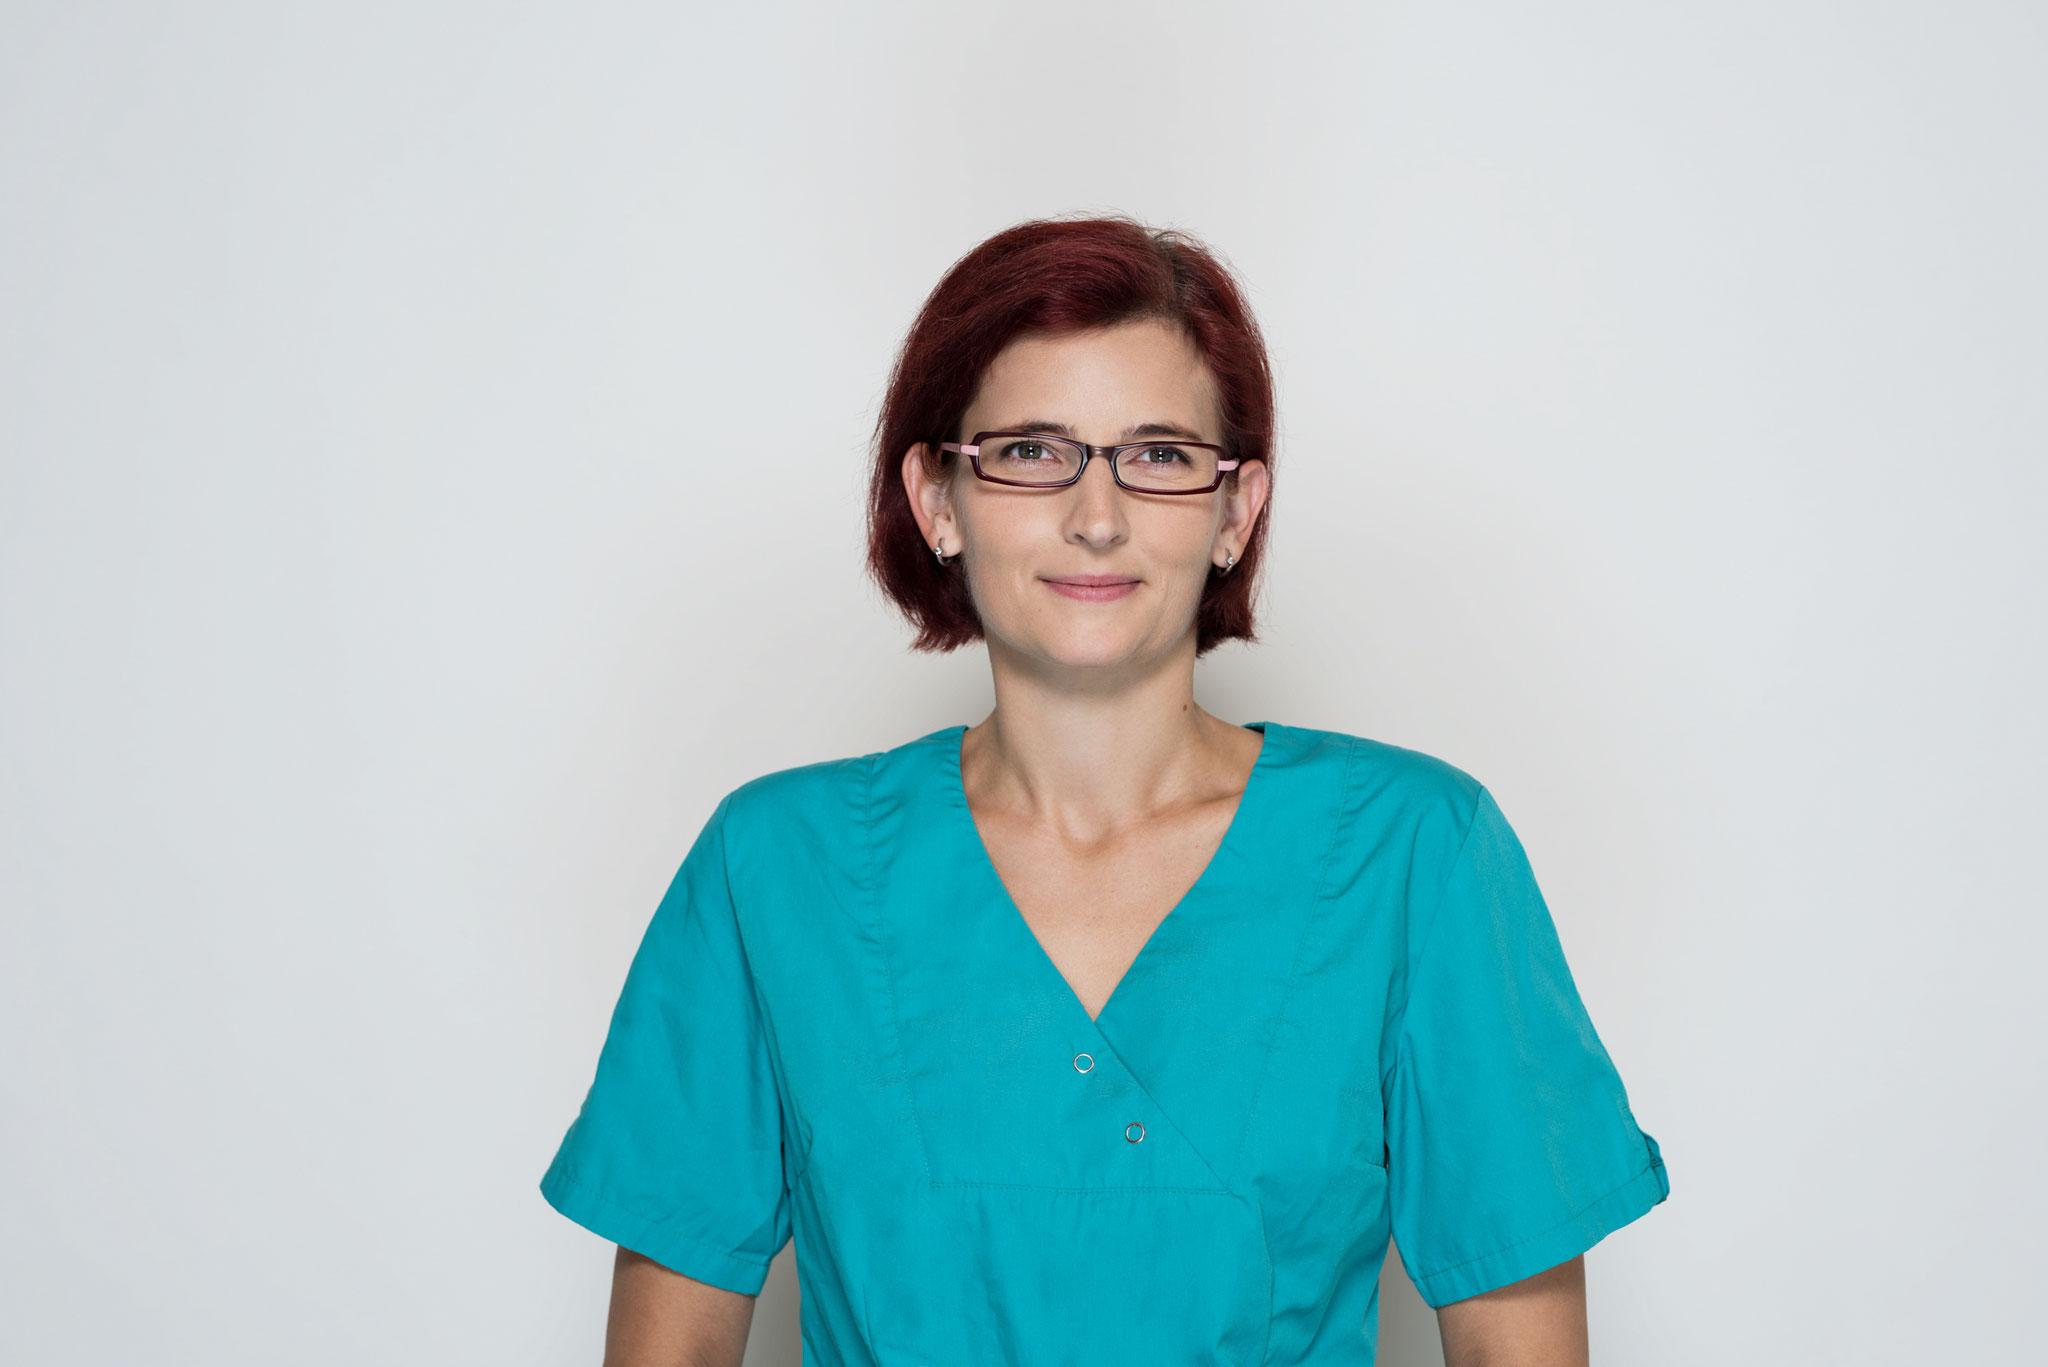 Katja Glugla, Medizinische Fachangestellte